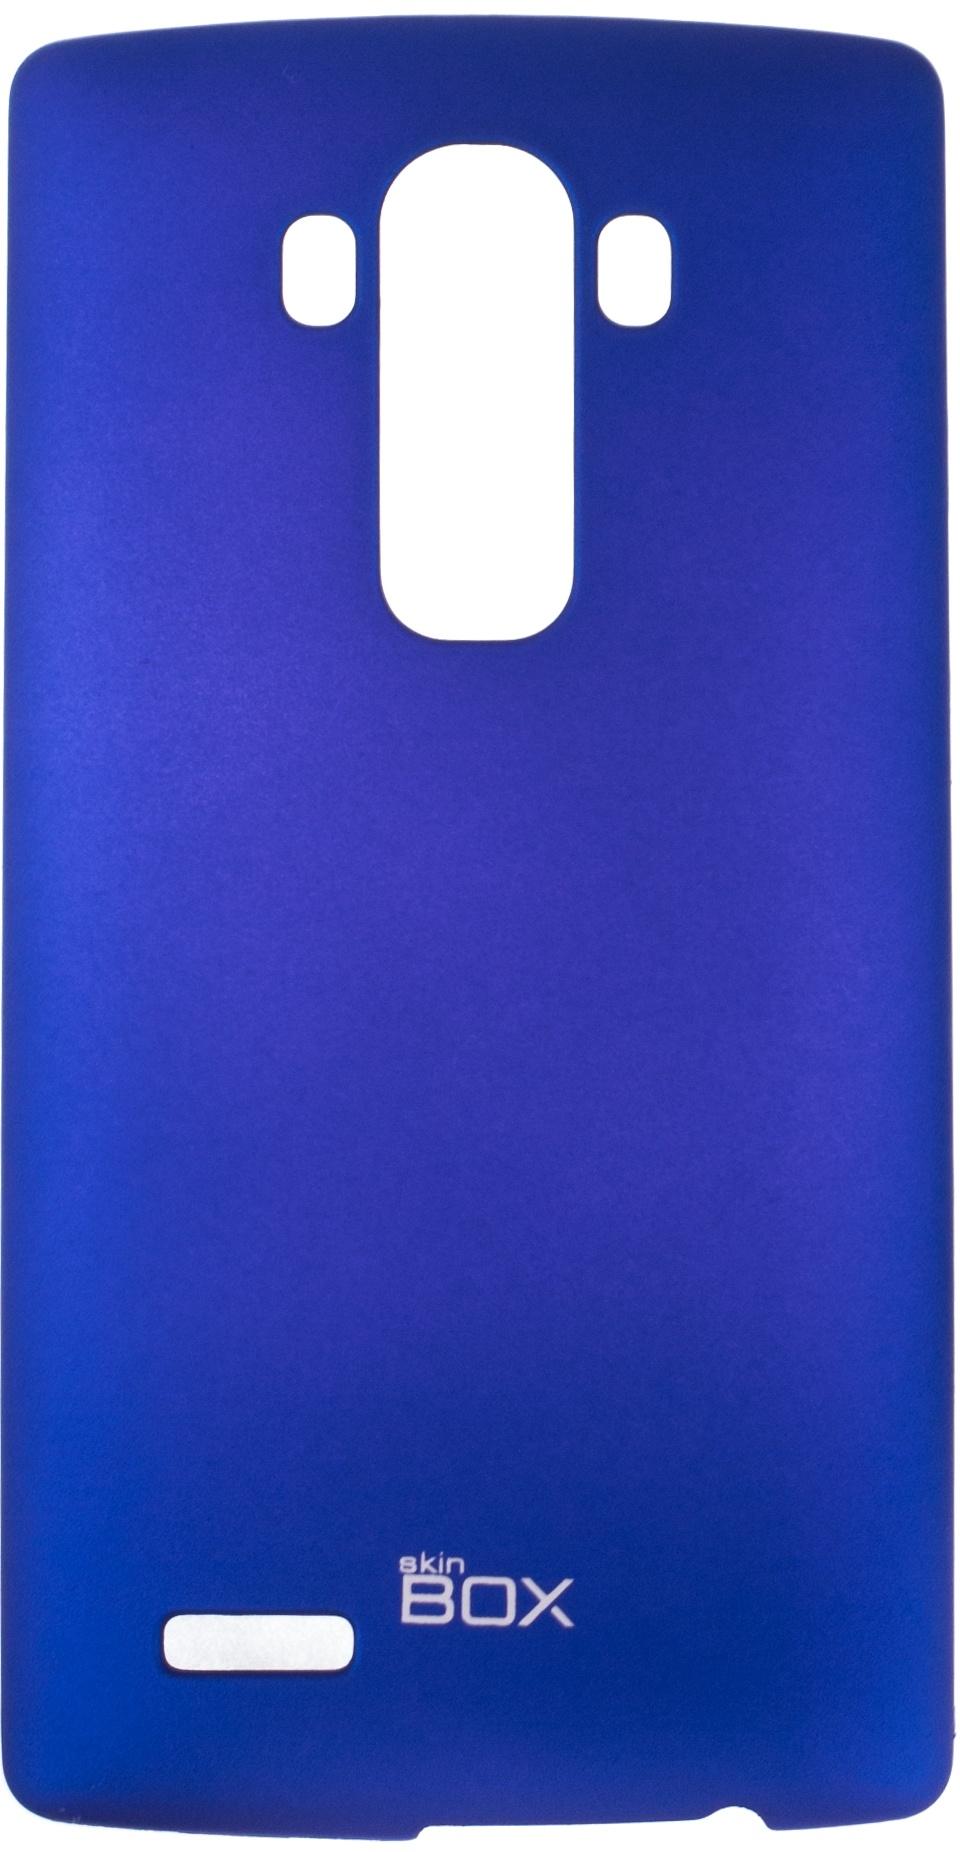 Накладка skinBOX для LG G4, 2000000076423, синий аккумулятор для телефона ibatt bl 53yh для lg d855 g3 d690 d690 g3 stylus d851 g3 d850 g3 d856 lg g3 dual lte vs985 g3 ls990 g3 d690n f400 g3 aka